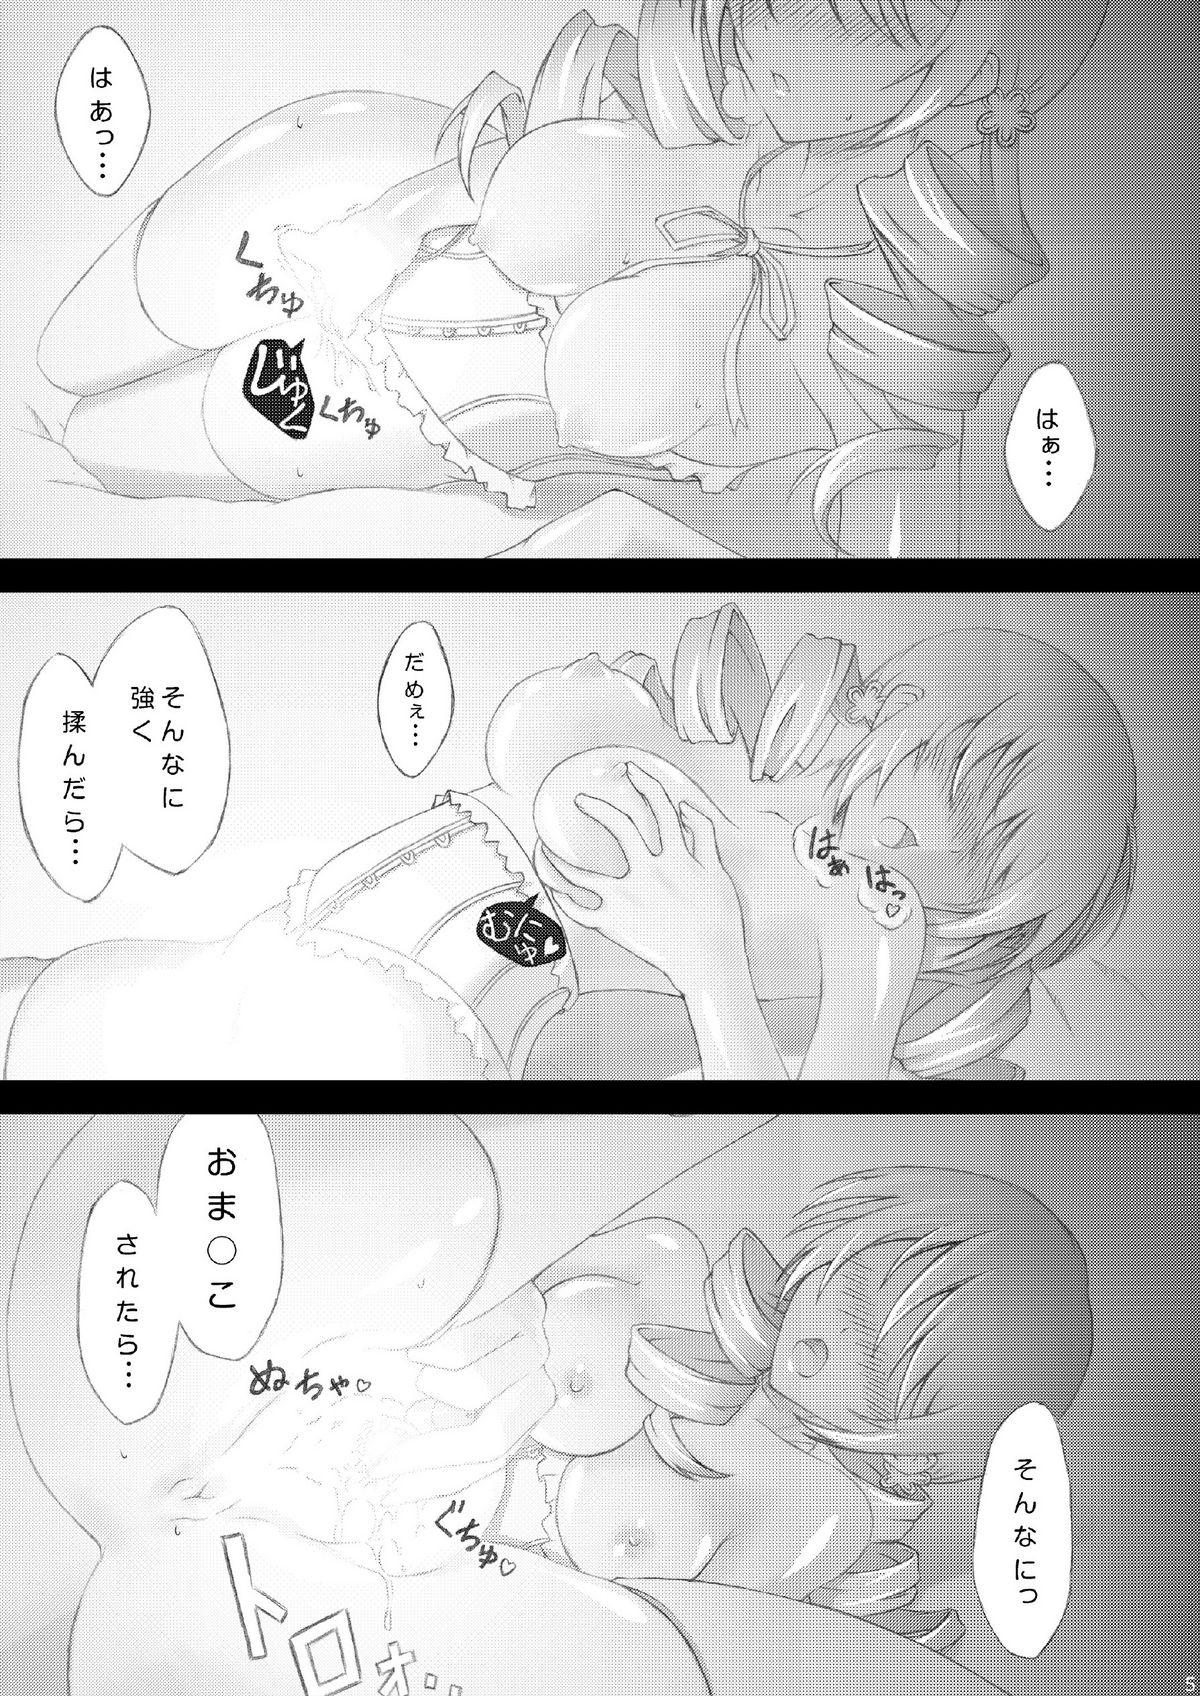 Mami-san no H na hon 3